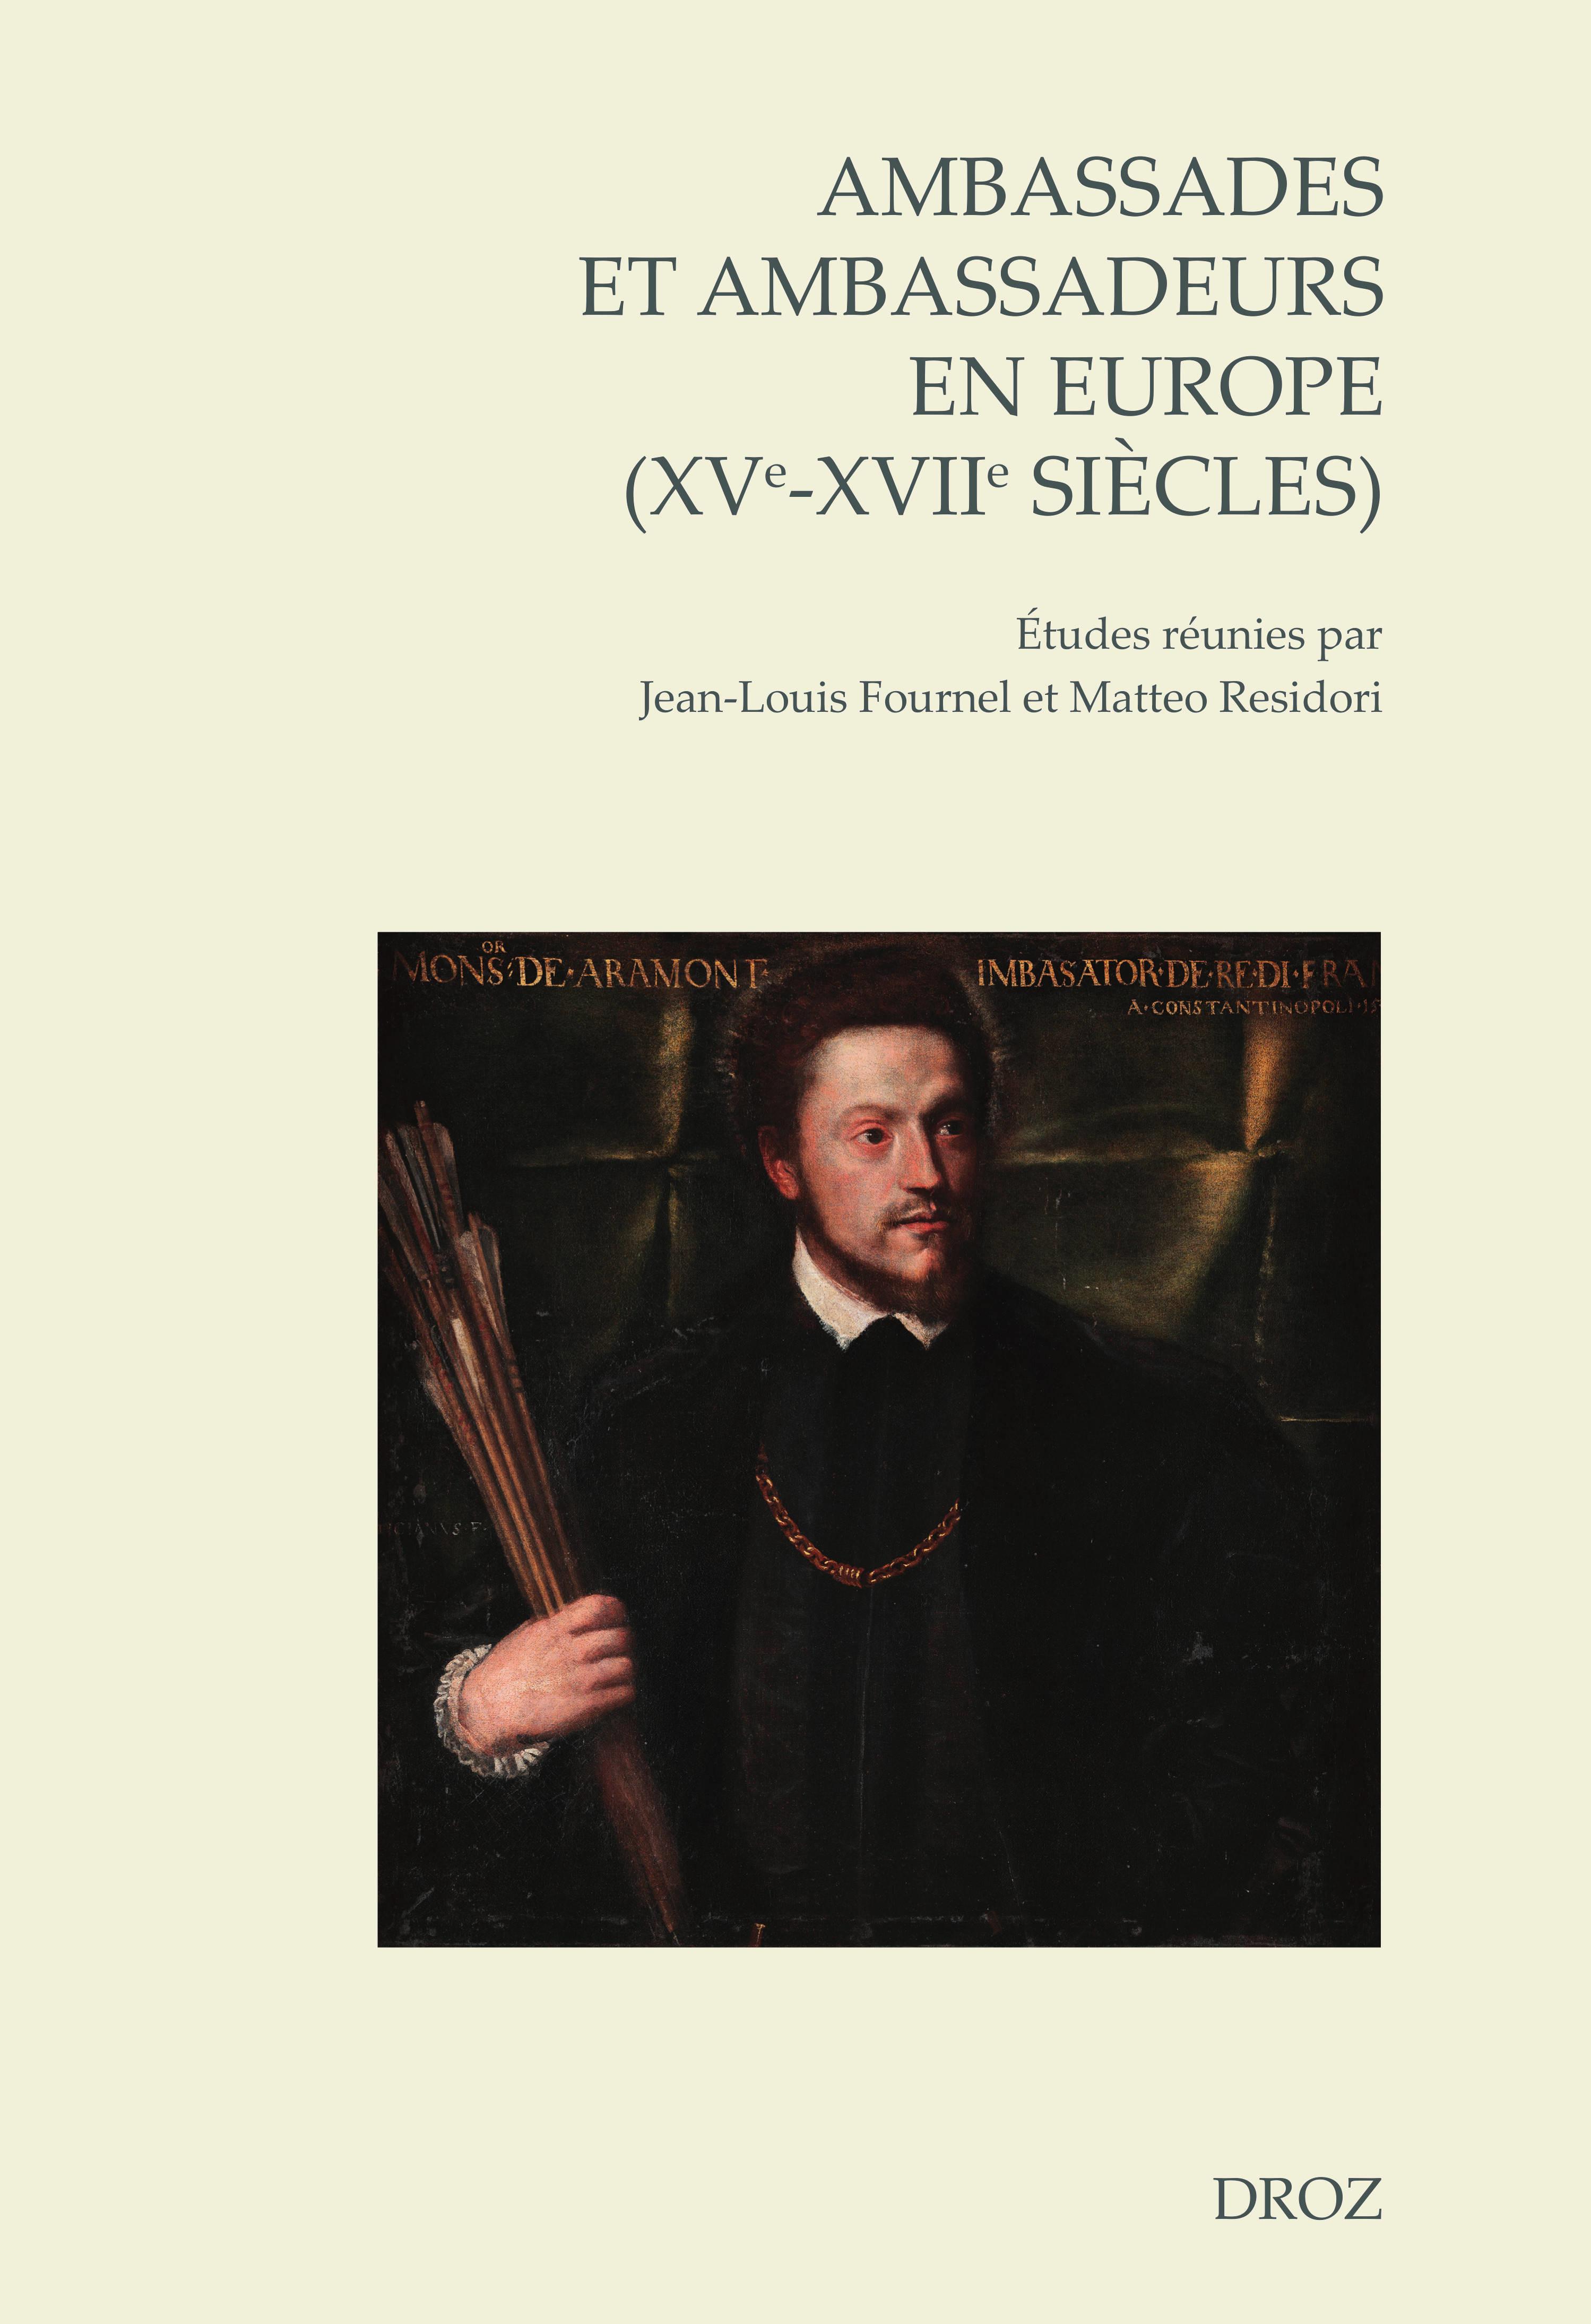 Ambassades et ambassadeurs en Europe (XVe-XVIIe siècles)